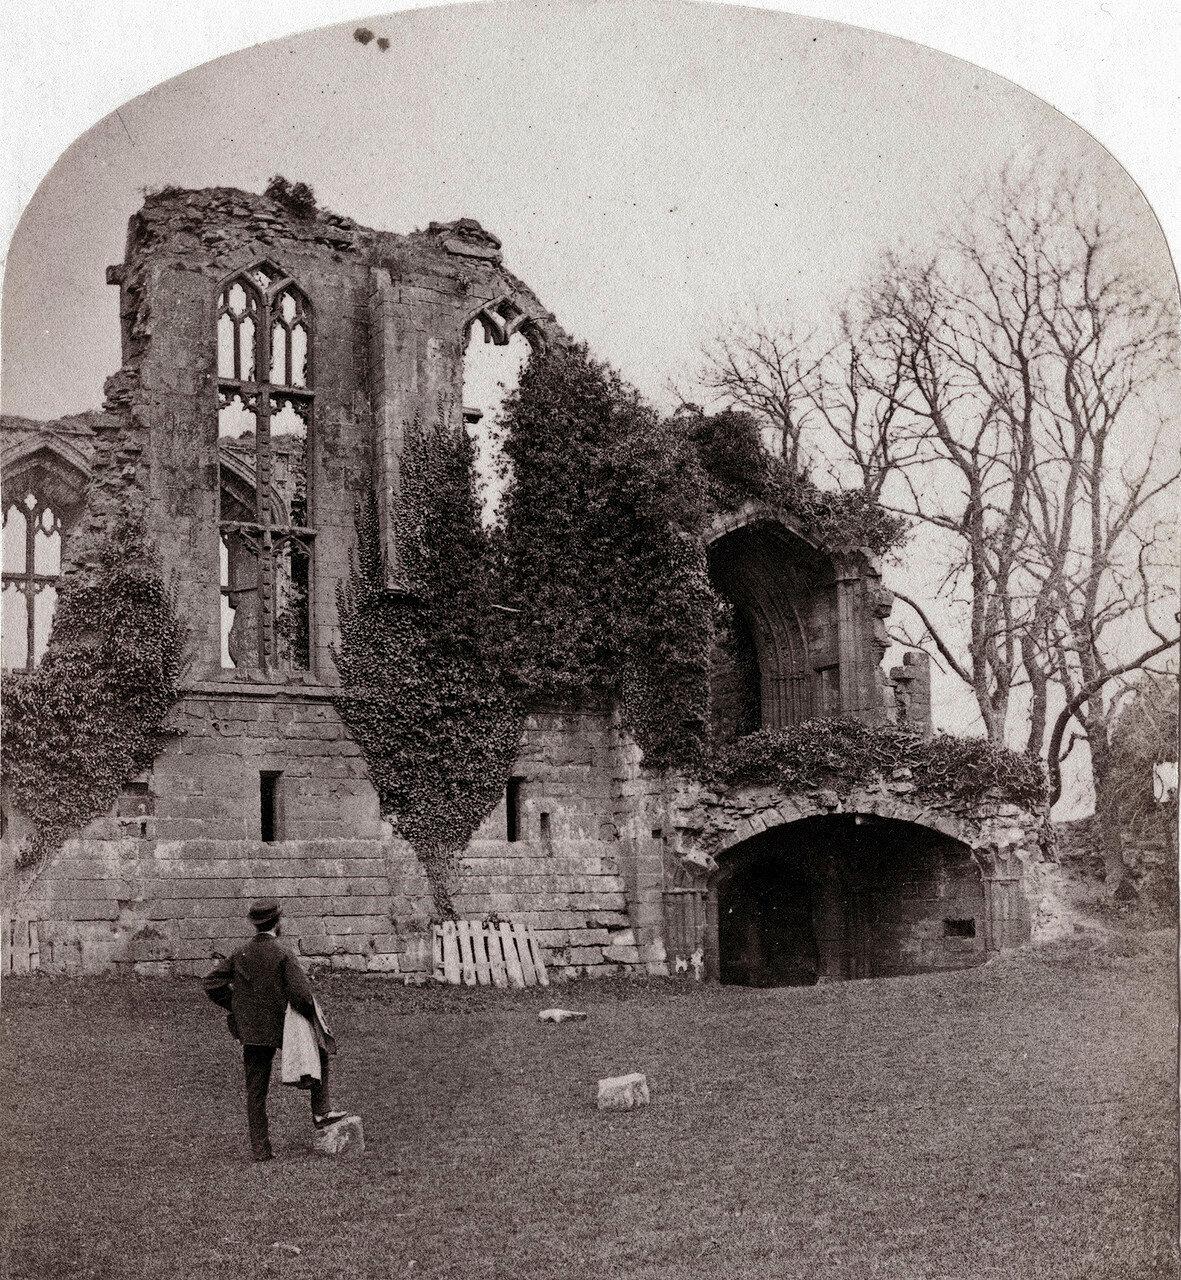 Замок Кенилуэрт, башня. Великобритания, 1864